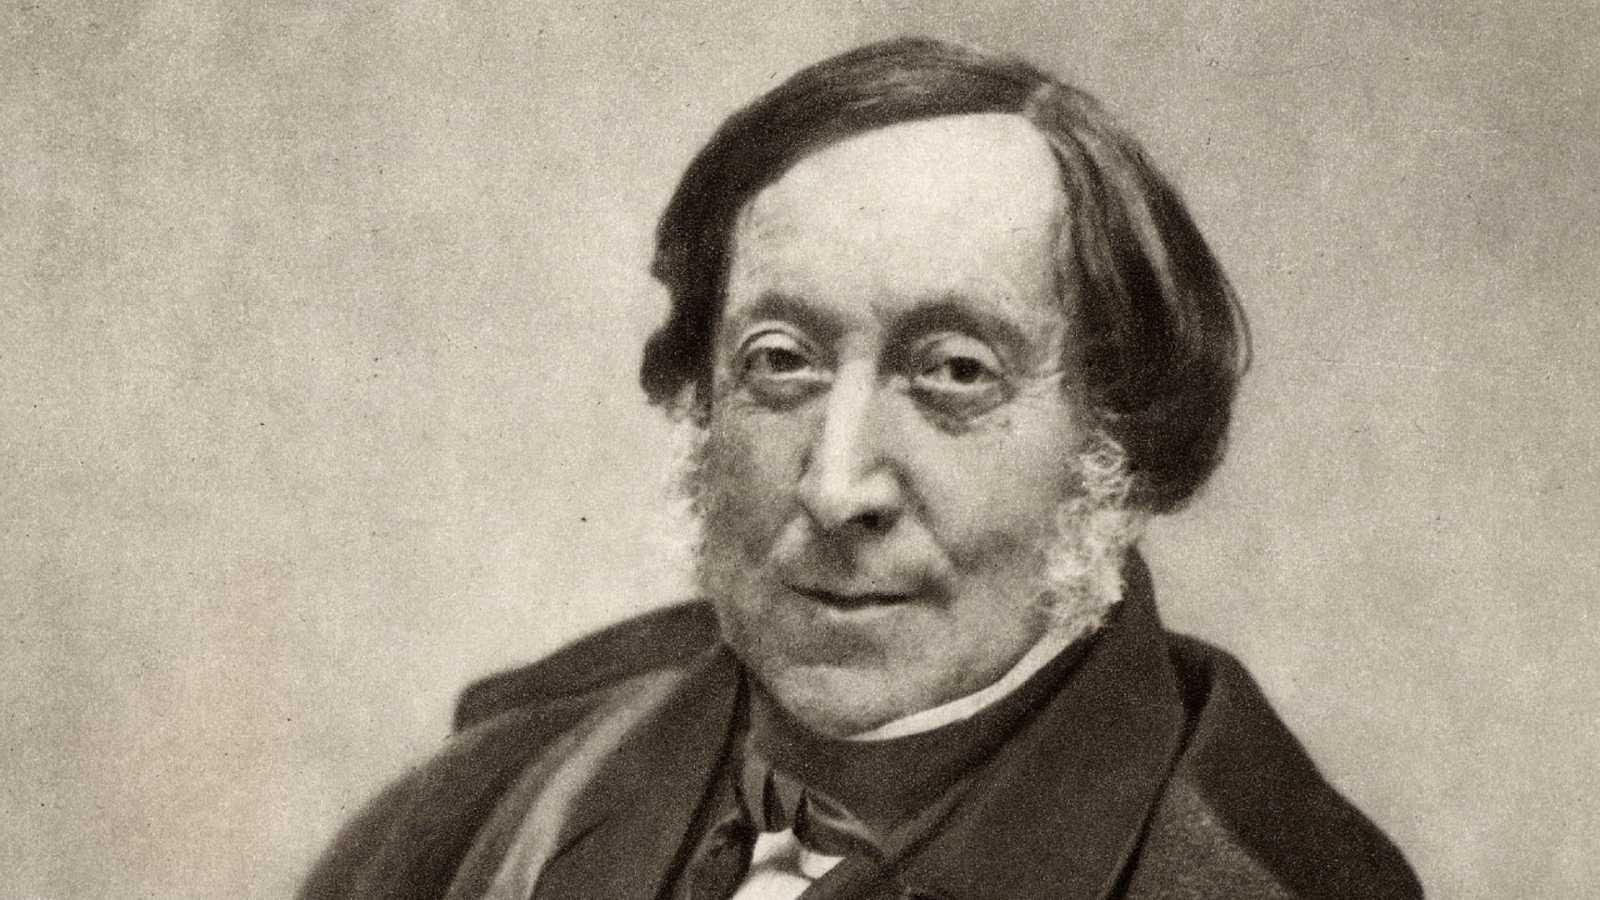 Clásica y eso - El amor, la soberbia y el engaño: Rossini, Mozart, Bizet y Chopin - Escuchar ahora